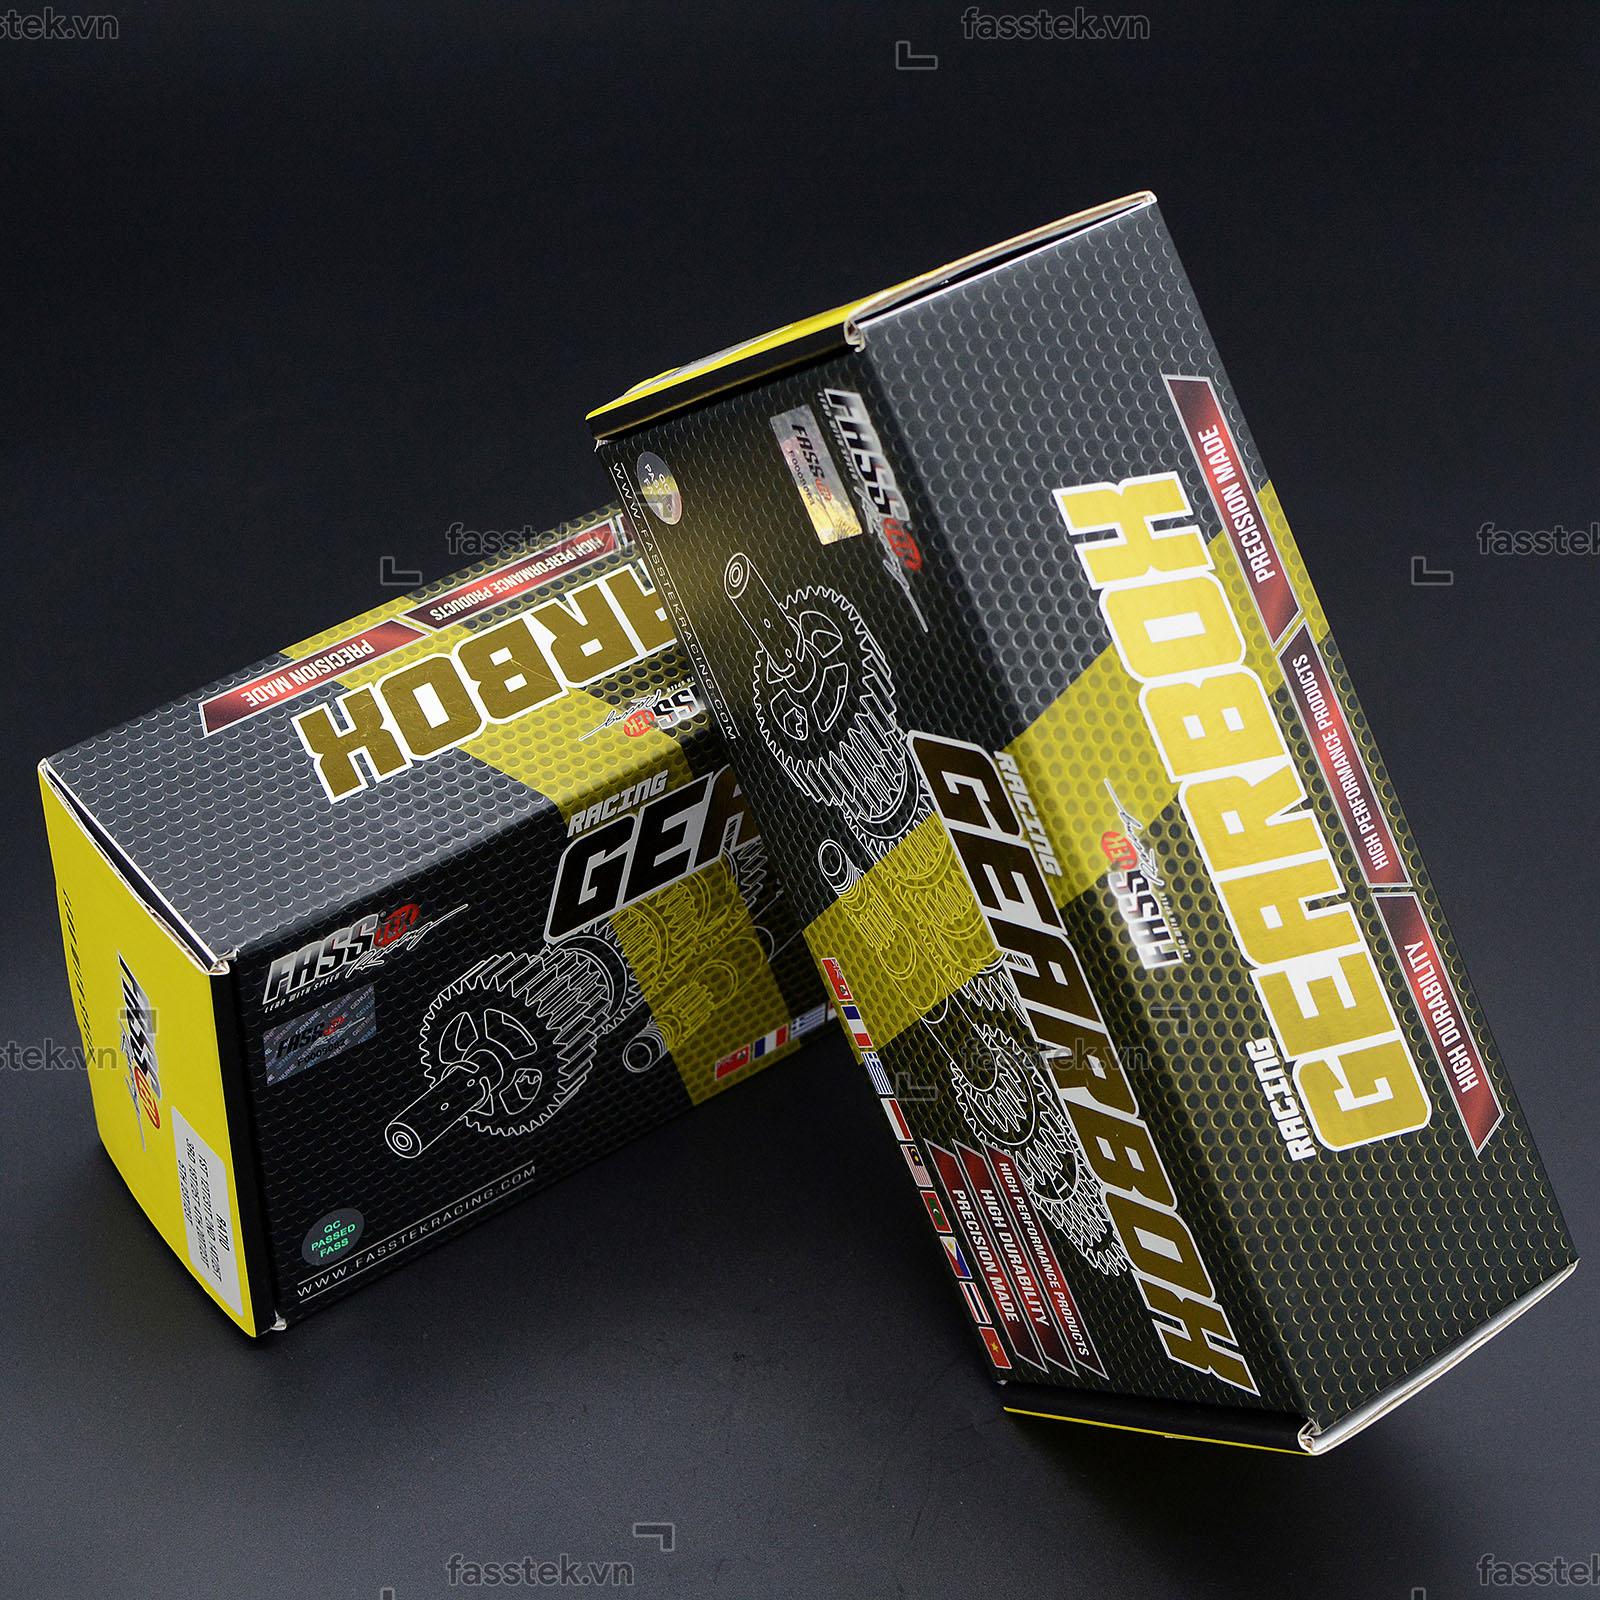 Bộ số đấu Fasstek Racing 5 số cho Exciter 135 5S/150